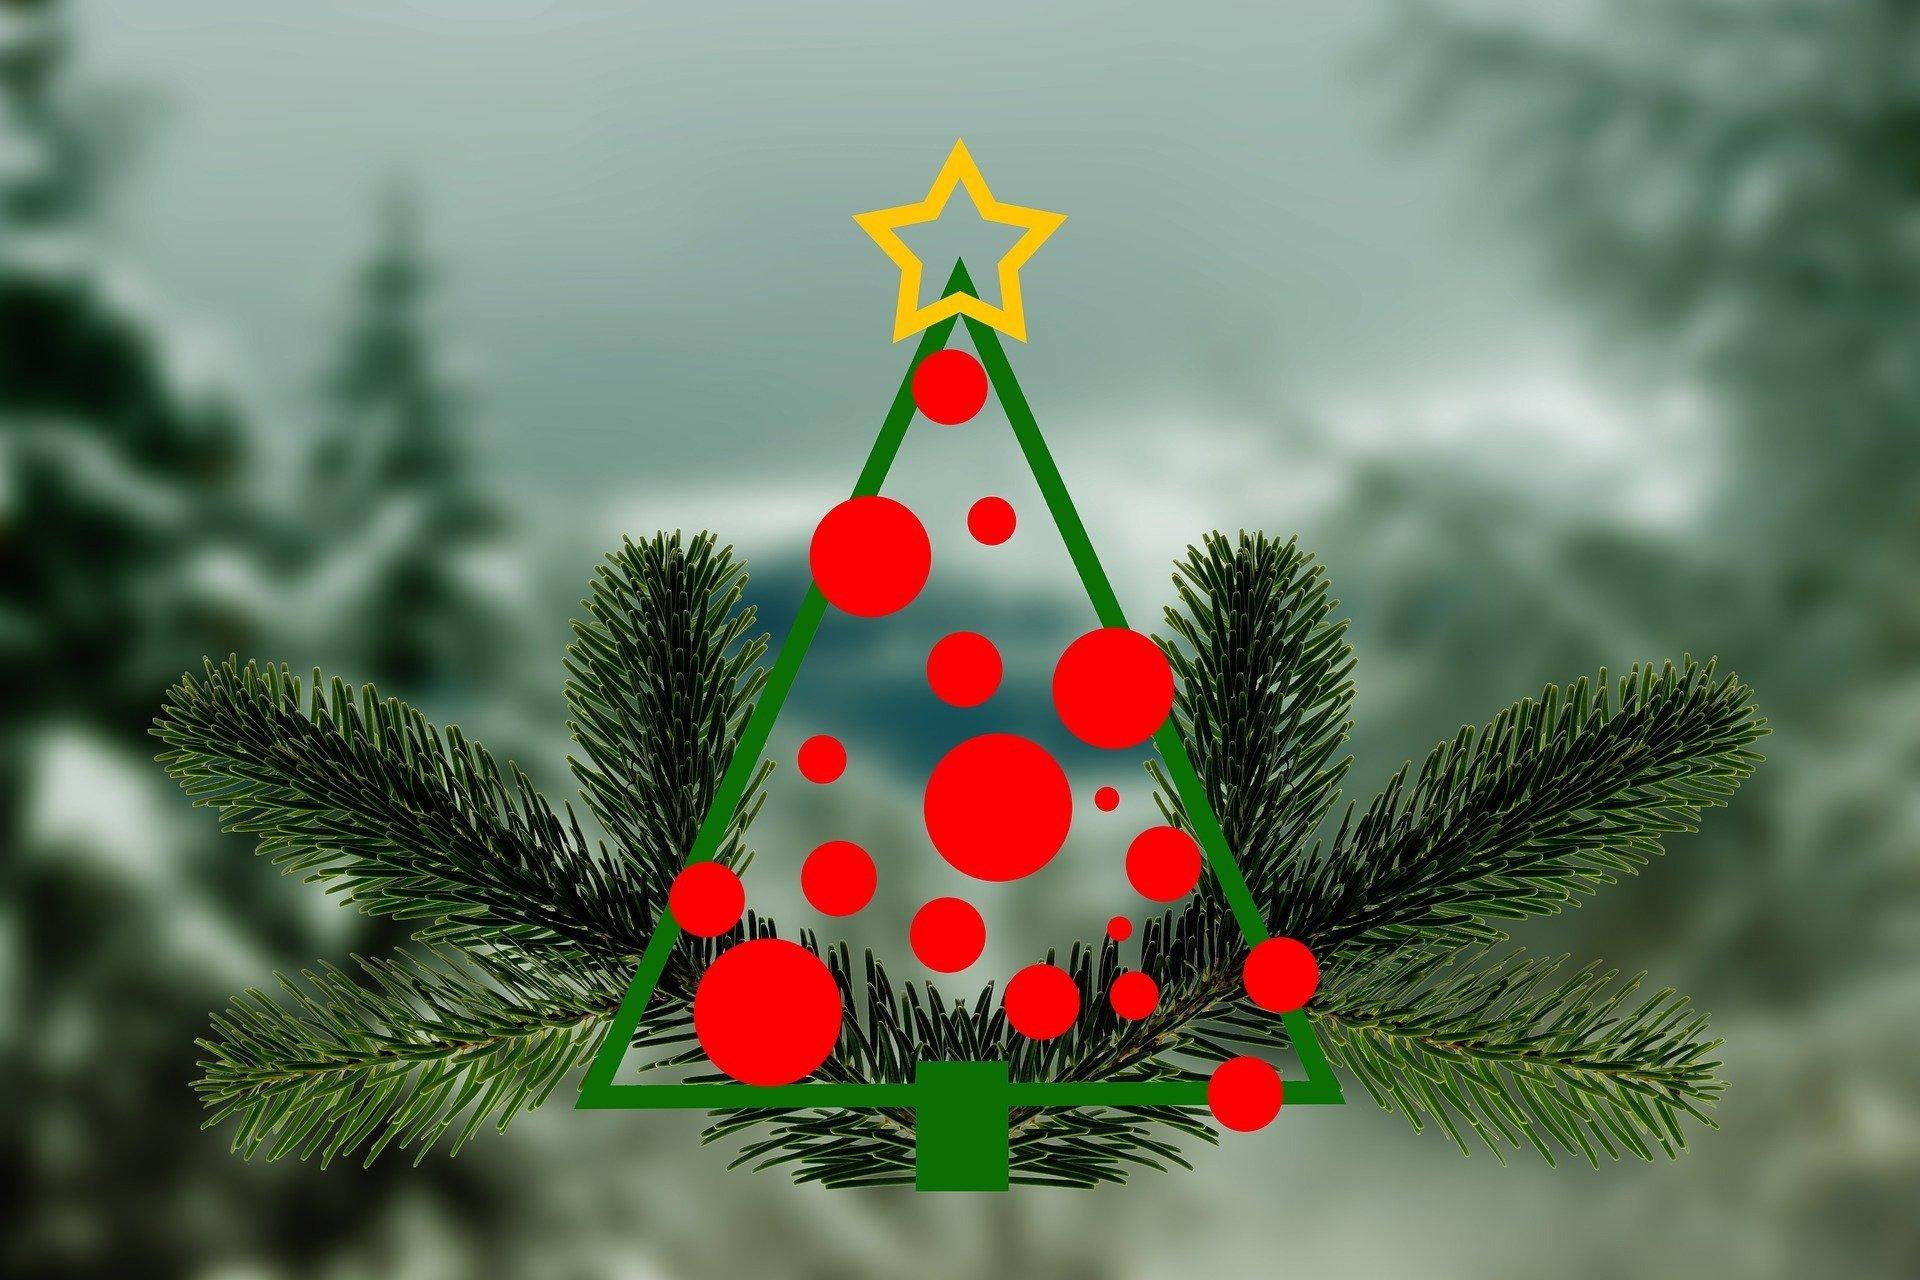 Już blisko kolęda piosenka świąteczna dla dzieci tekst i melodia